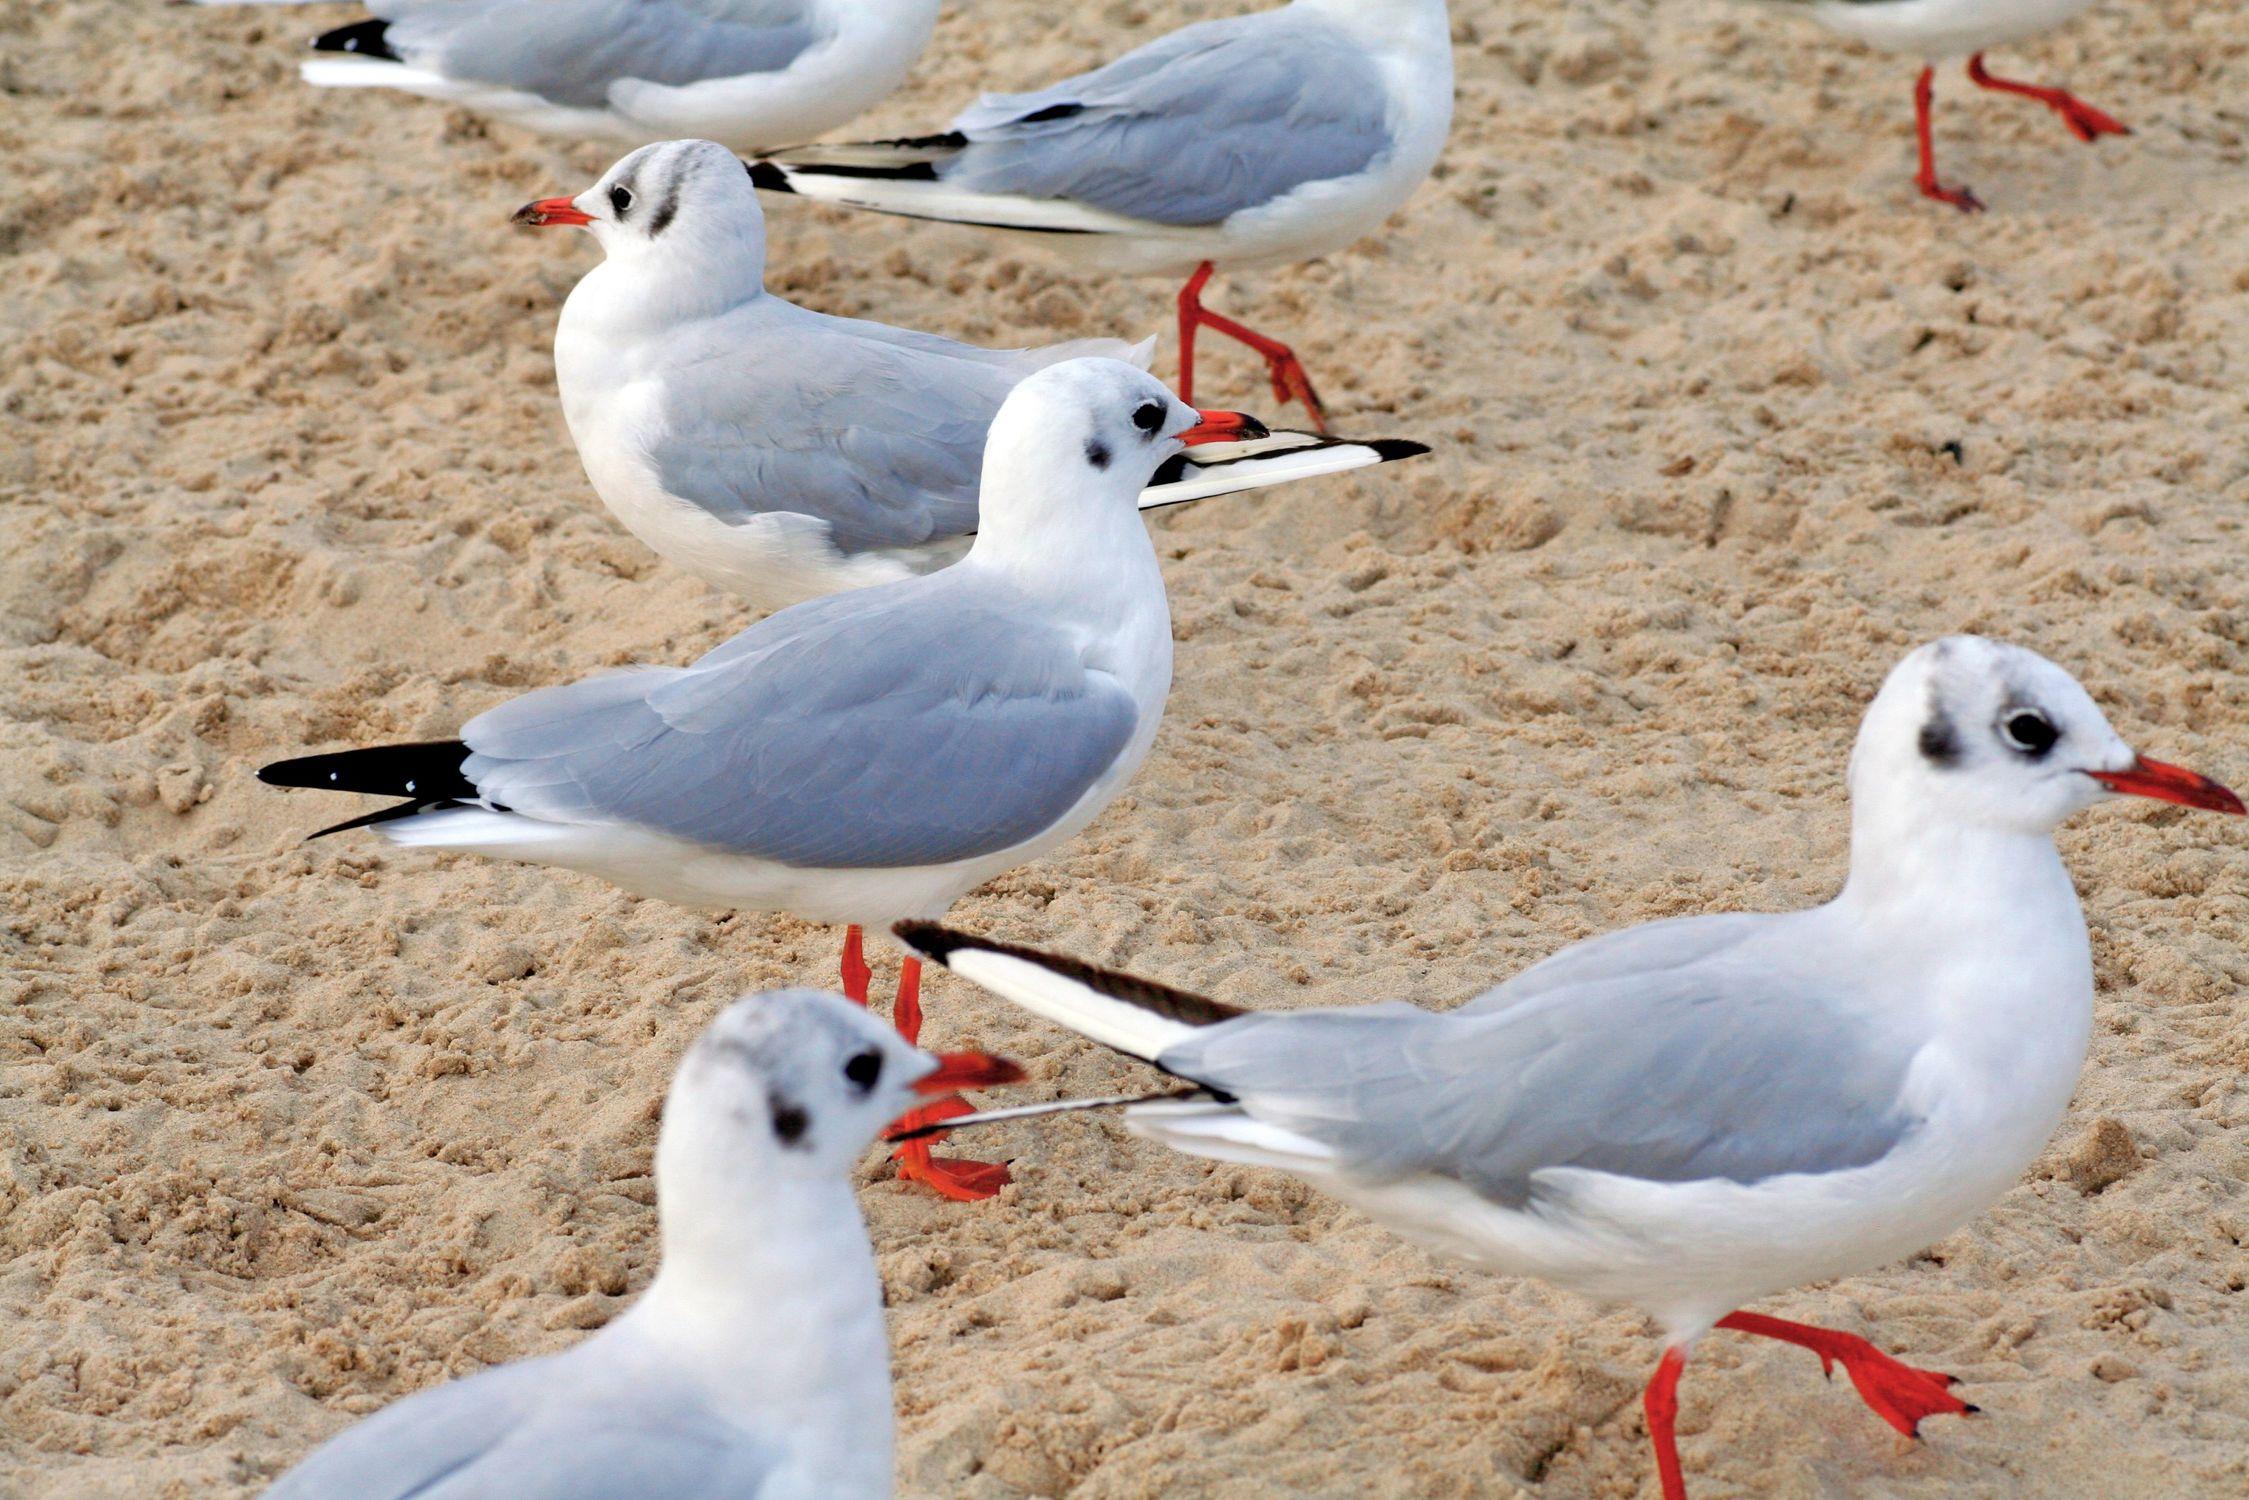 Bild mit Tiere, Vögel, Wasservögel, Möwen